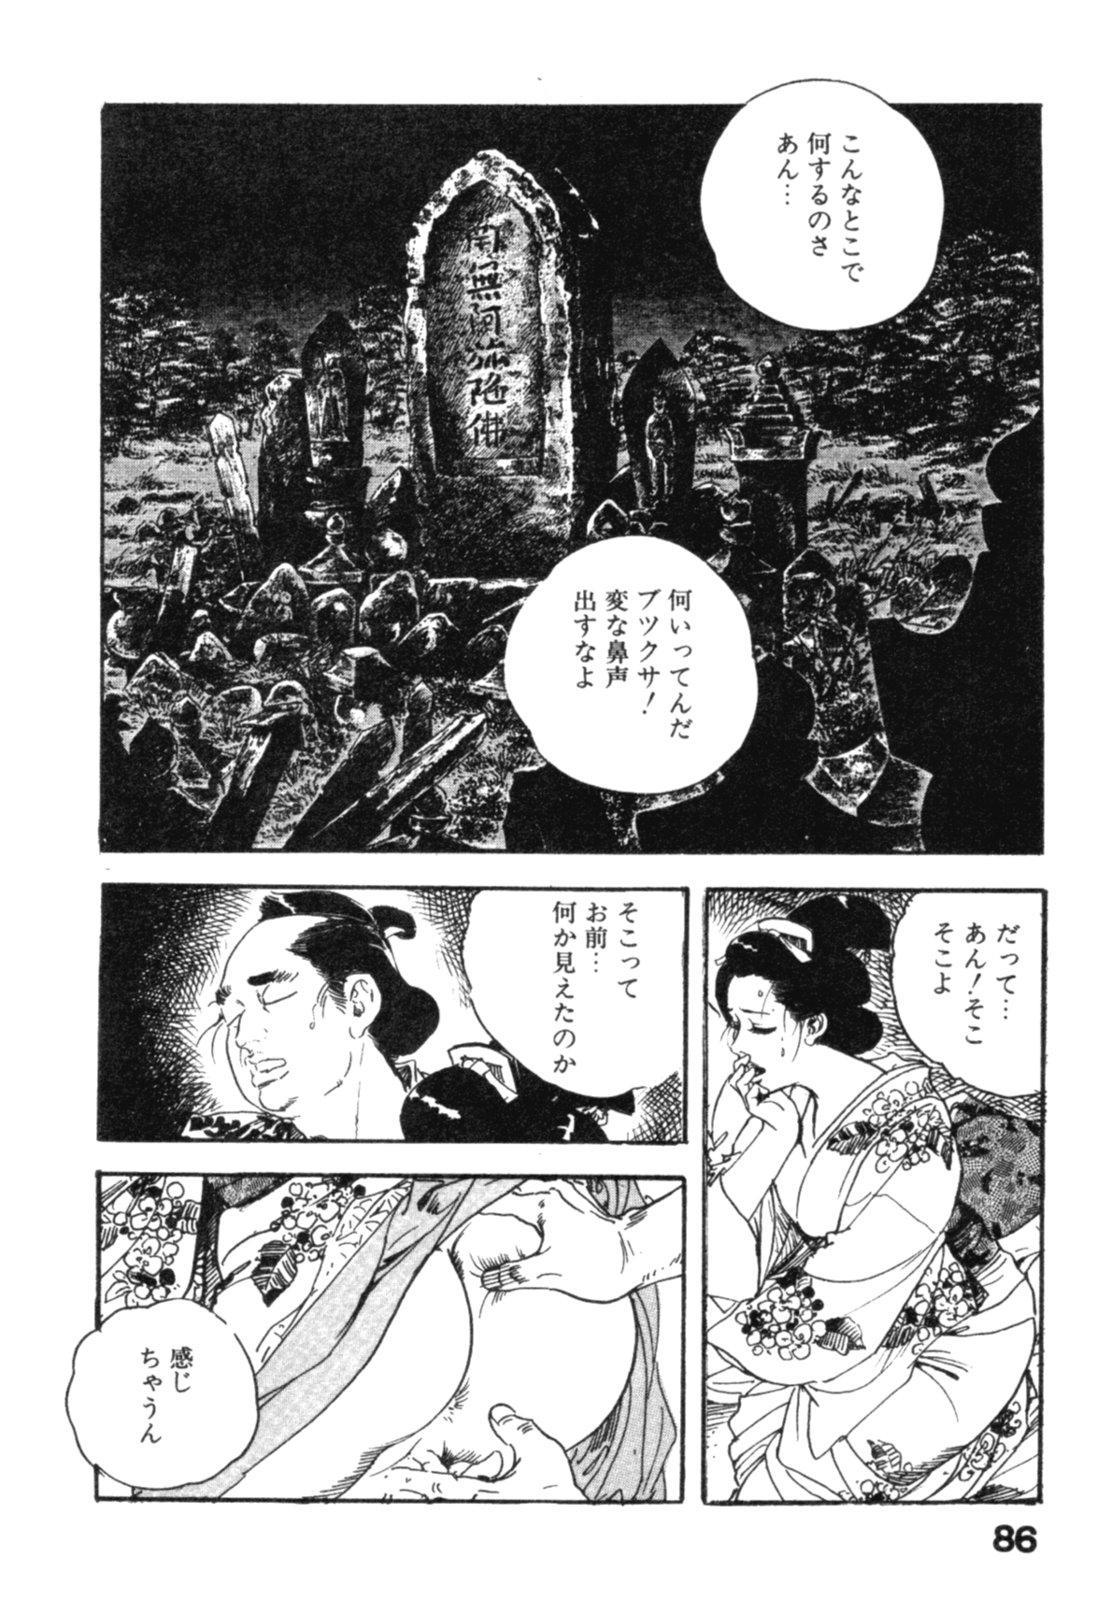 Jidaigeki Series 2 ~ Midare Kannon 88